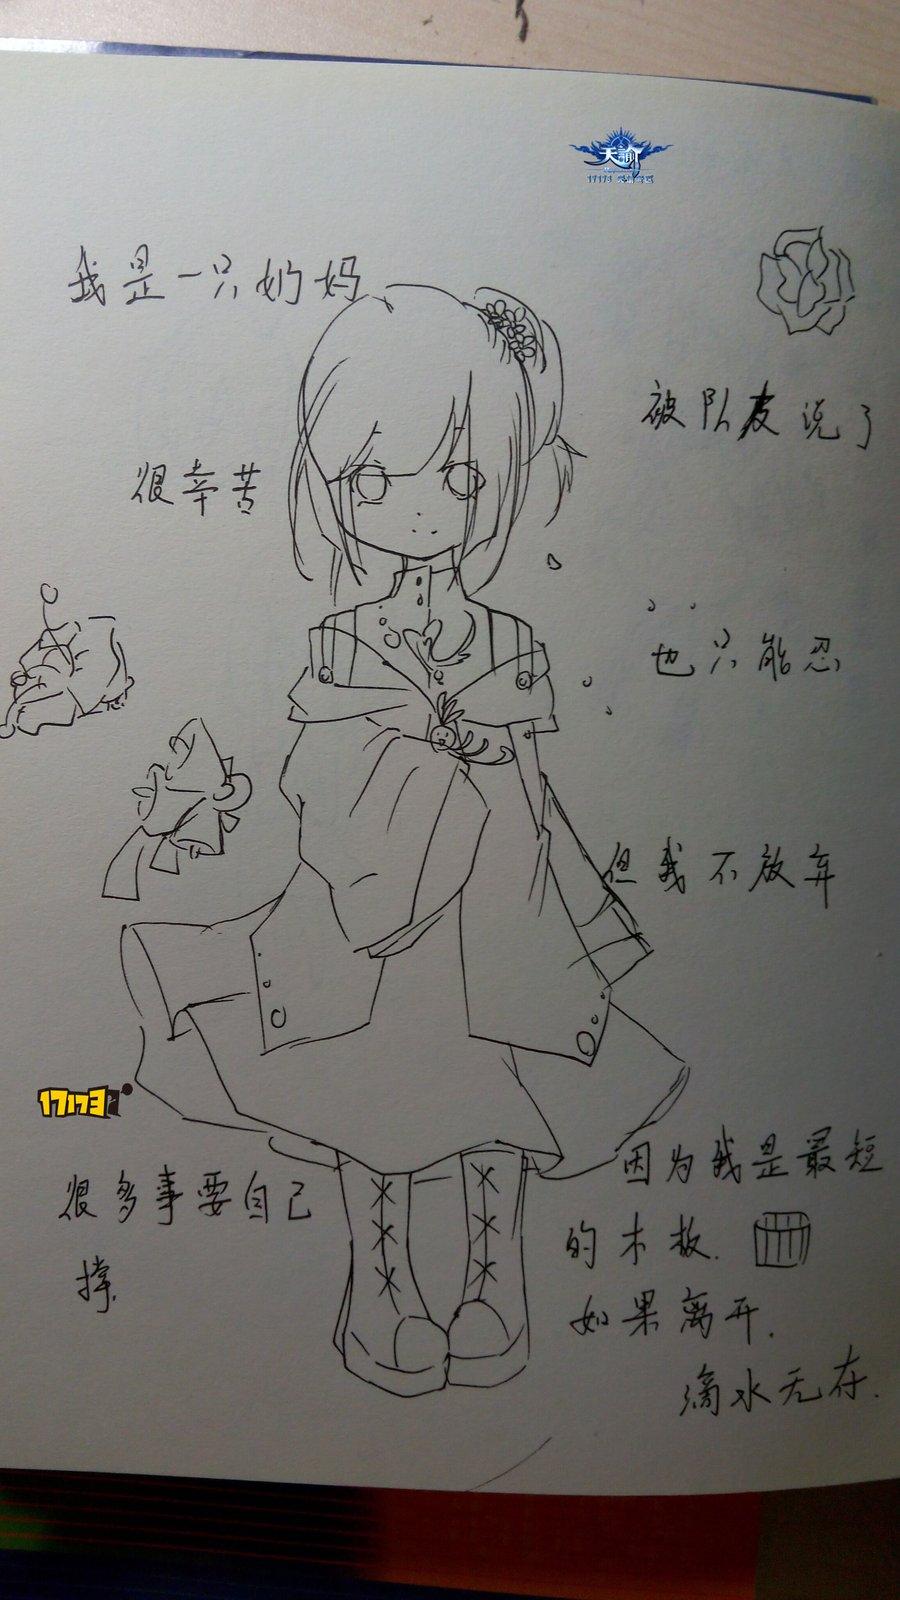 灵珑玩家手绘游戏角色形象:大家要体谅奶妈